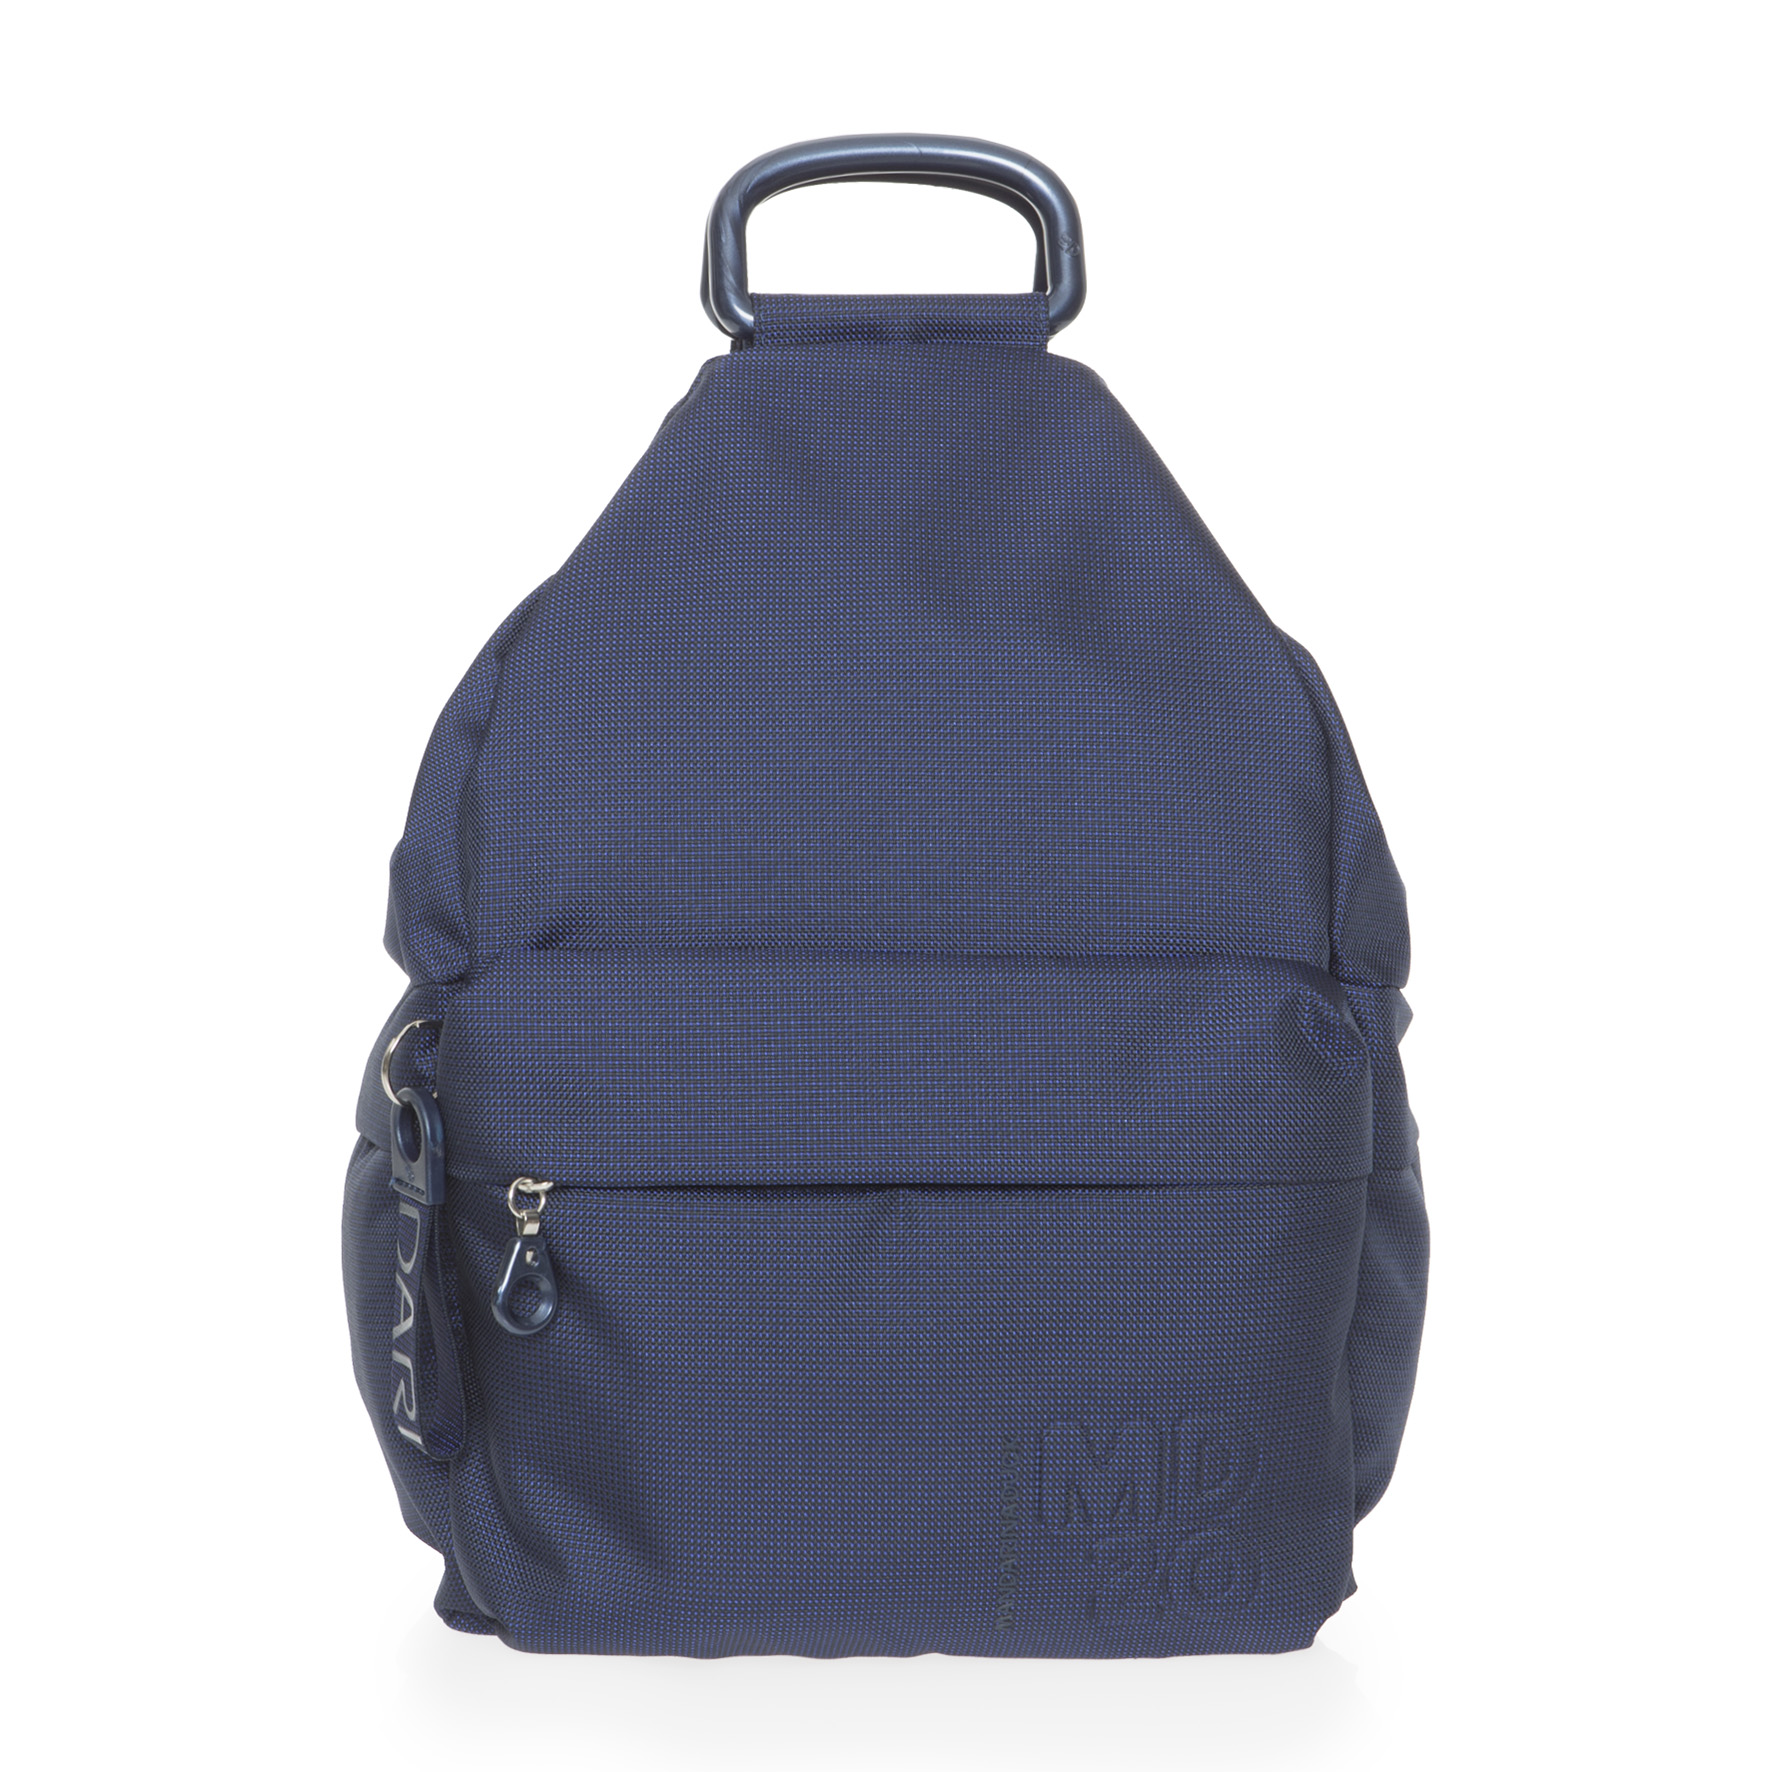 94aac4063a MANDARINA DUCK Zaino MD20 QMT08 Dress Blue - Bagsabout